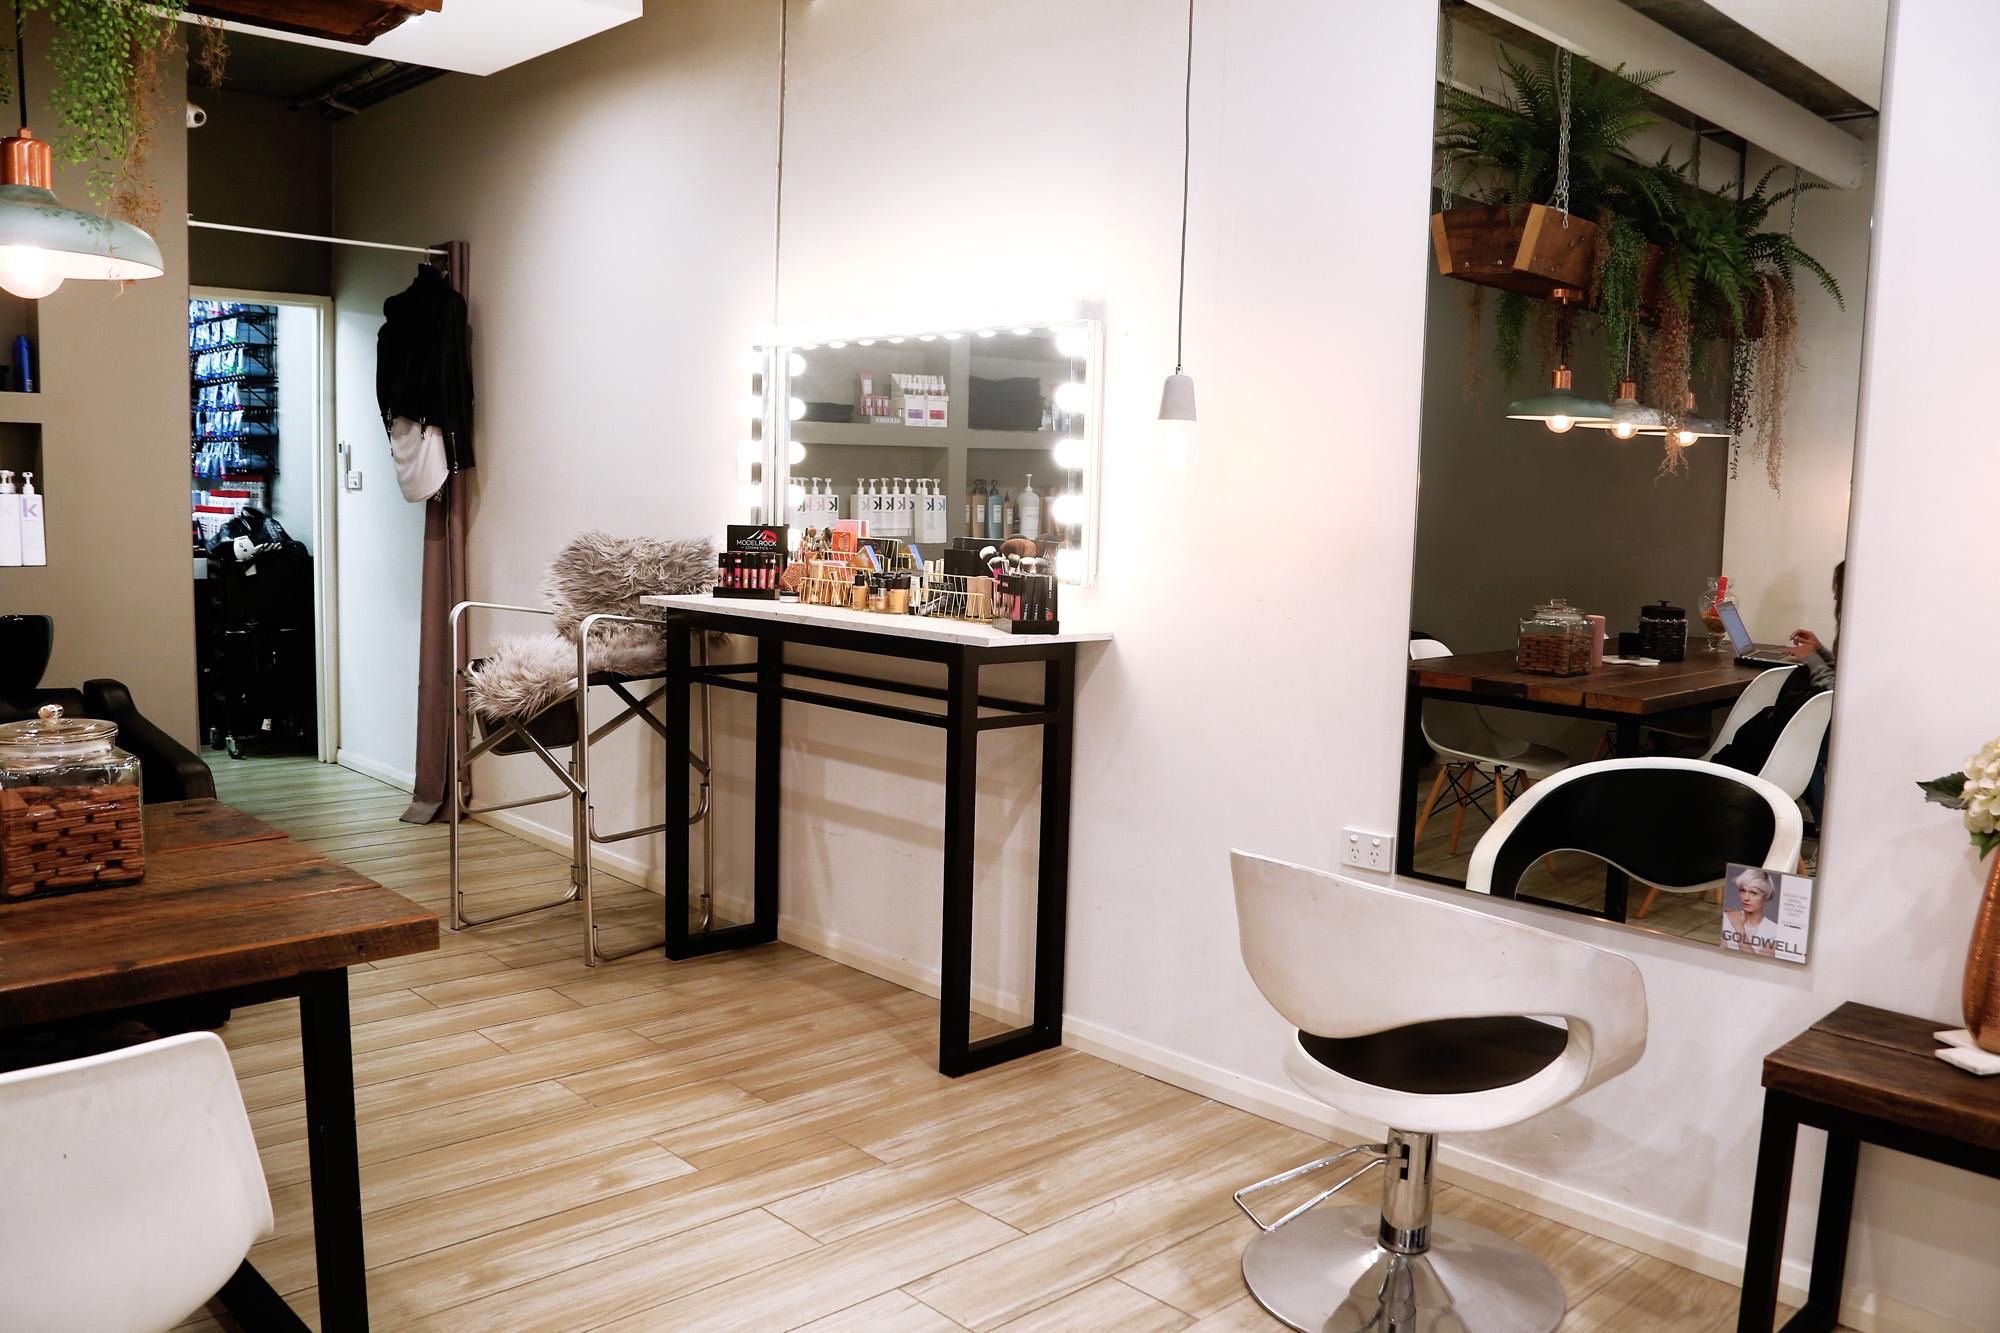 Indie-Sky-Co-Hairdressers-Drummoyne-Sydney-11.jpg